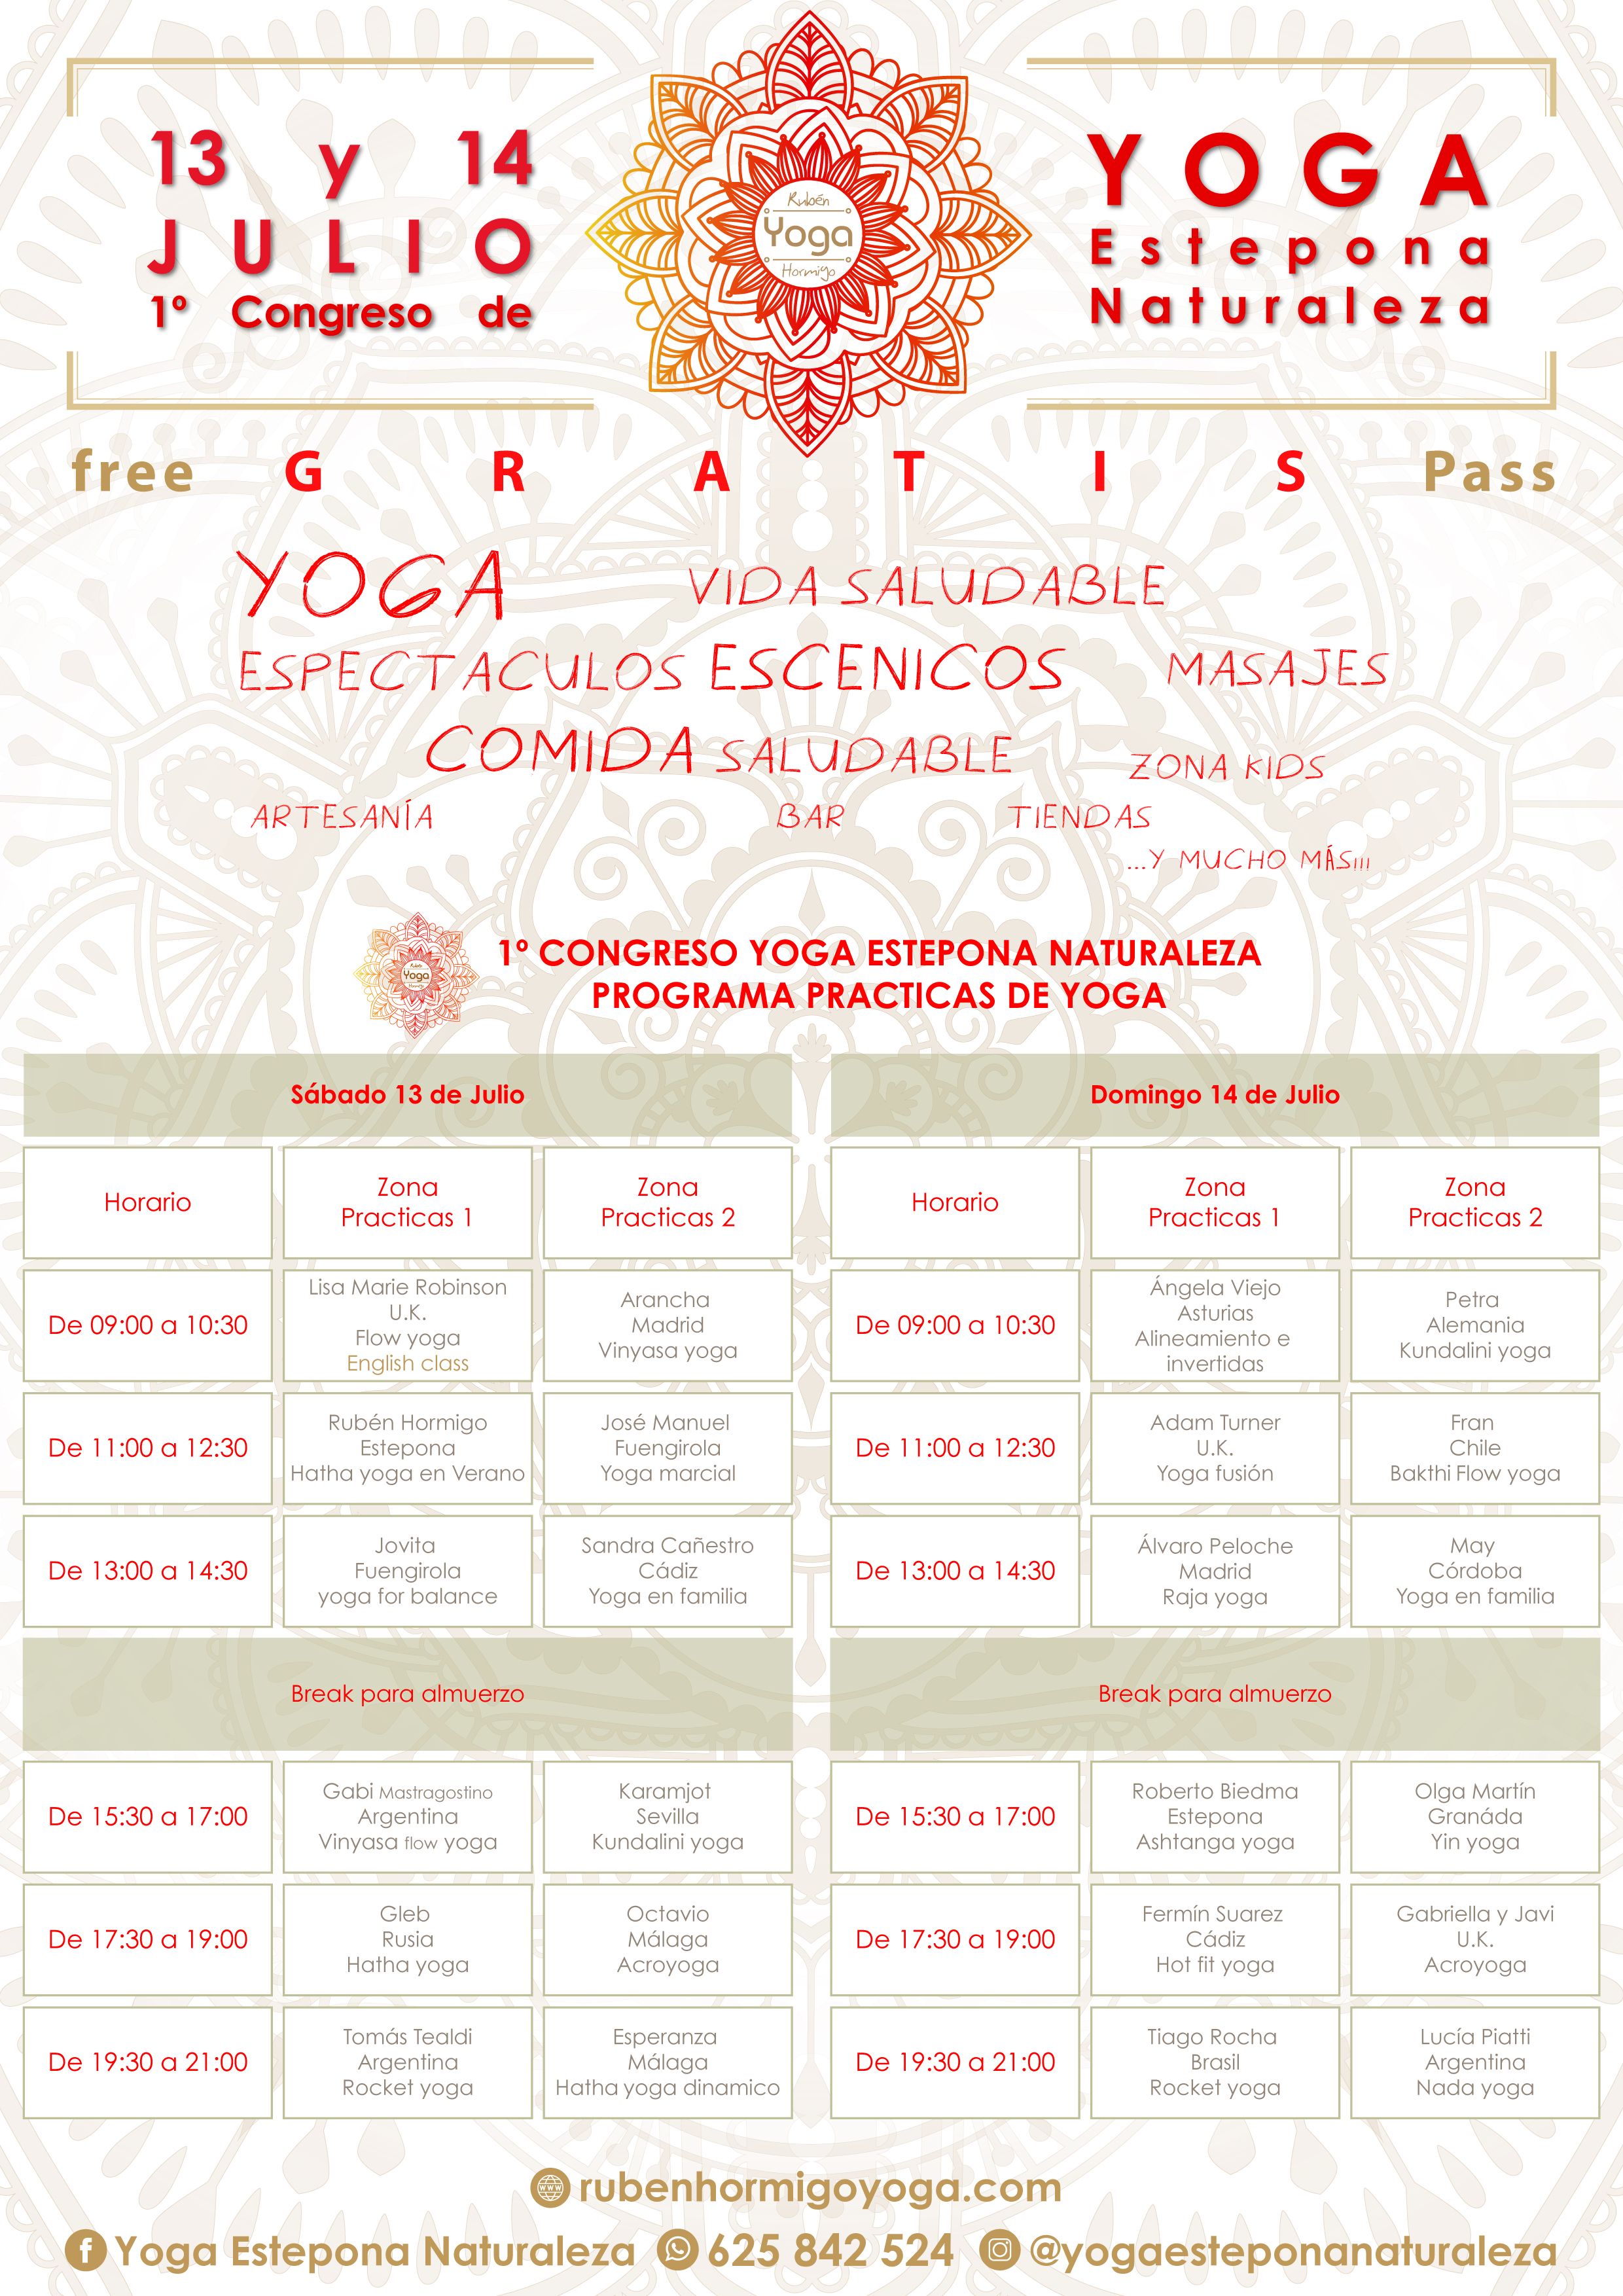 I congreso de Yoga Estepona Naturaleza PROGRAMA 1